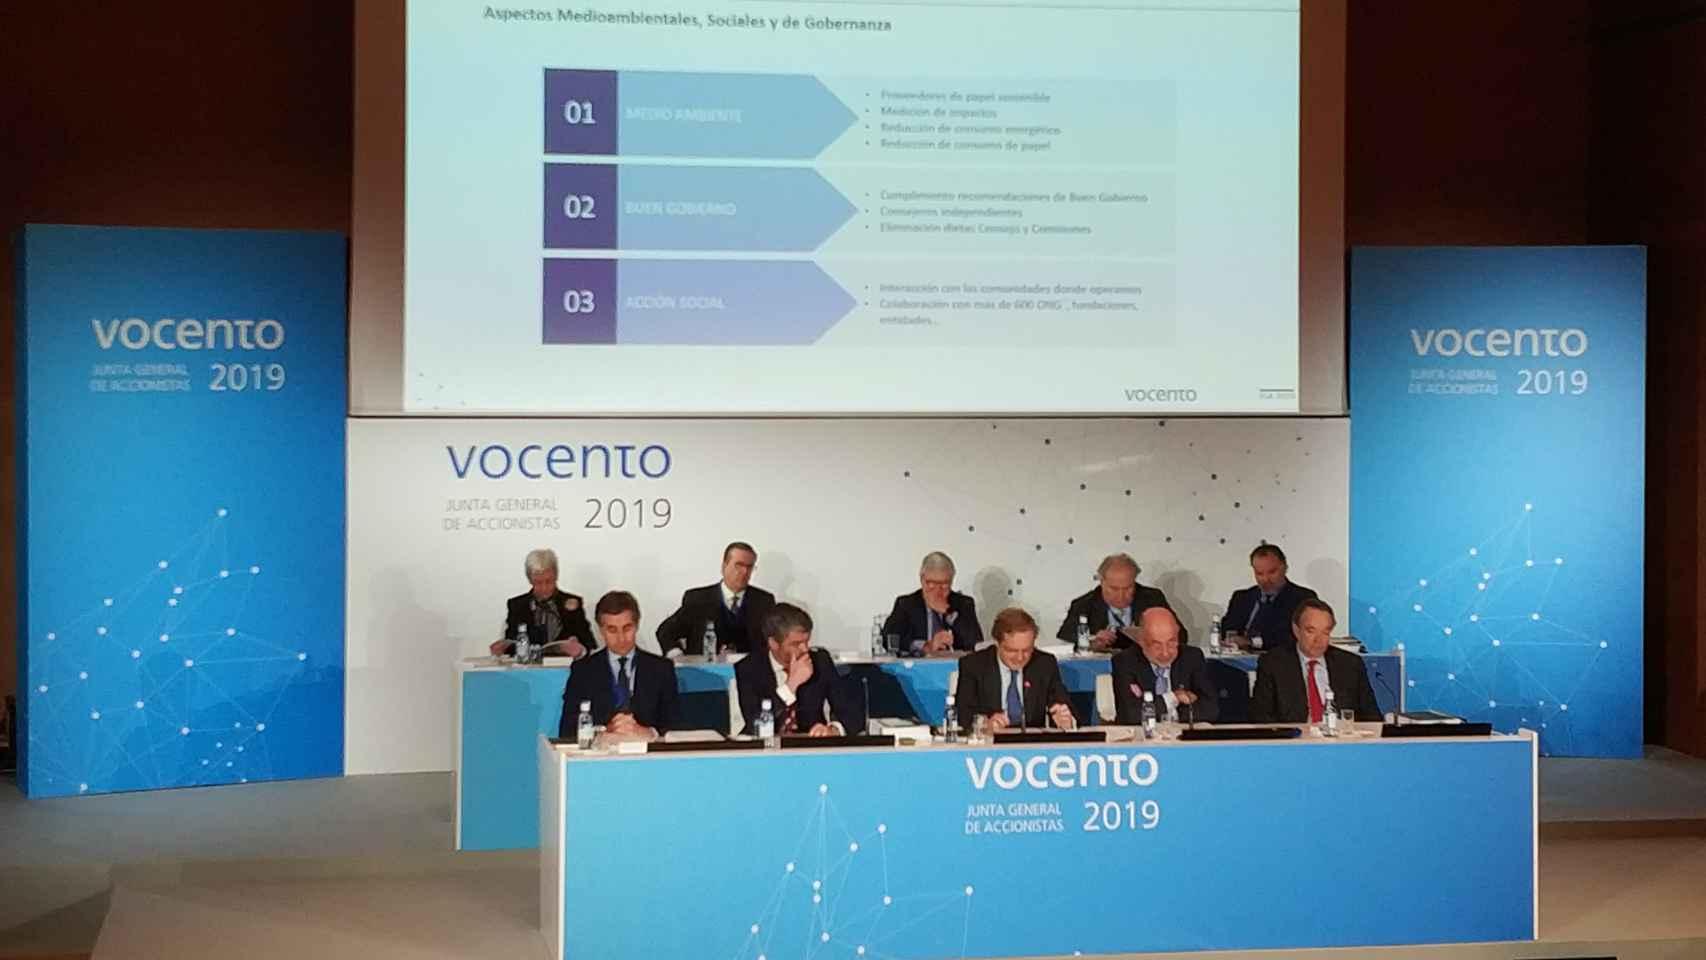 Junta de Accionistas de Vocento 2019, la última que se realizó de manera presencial.